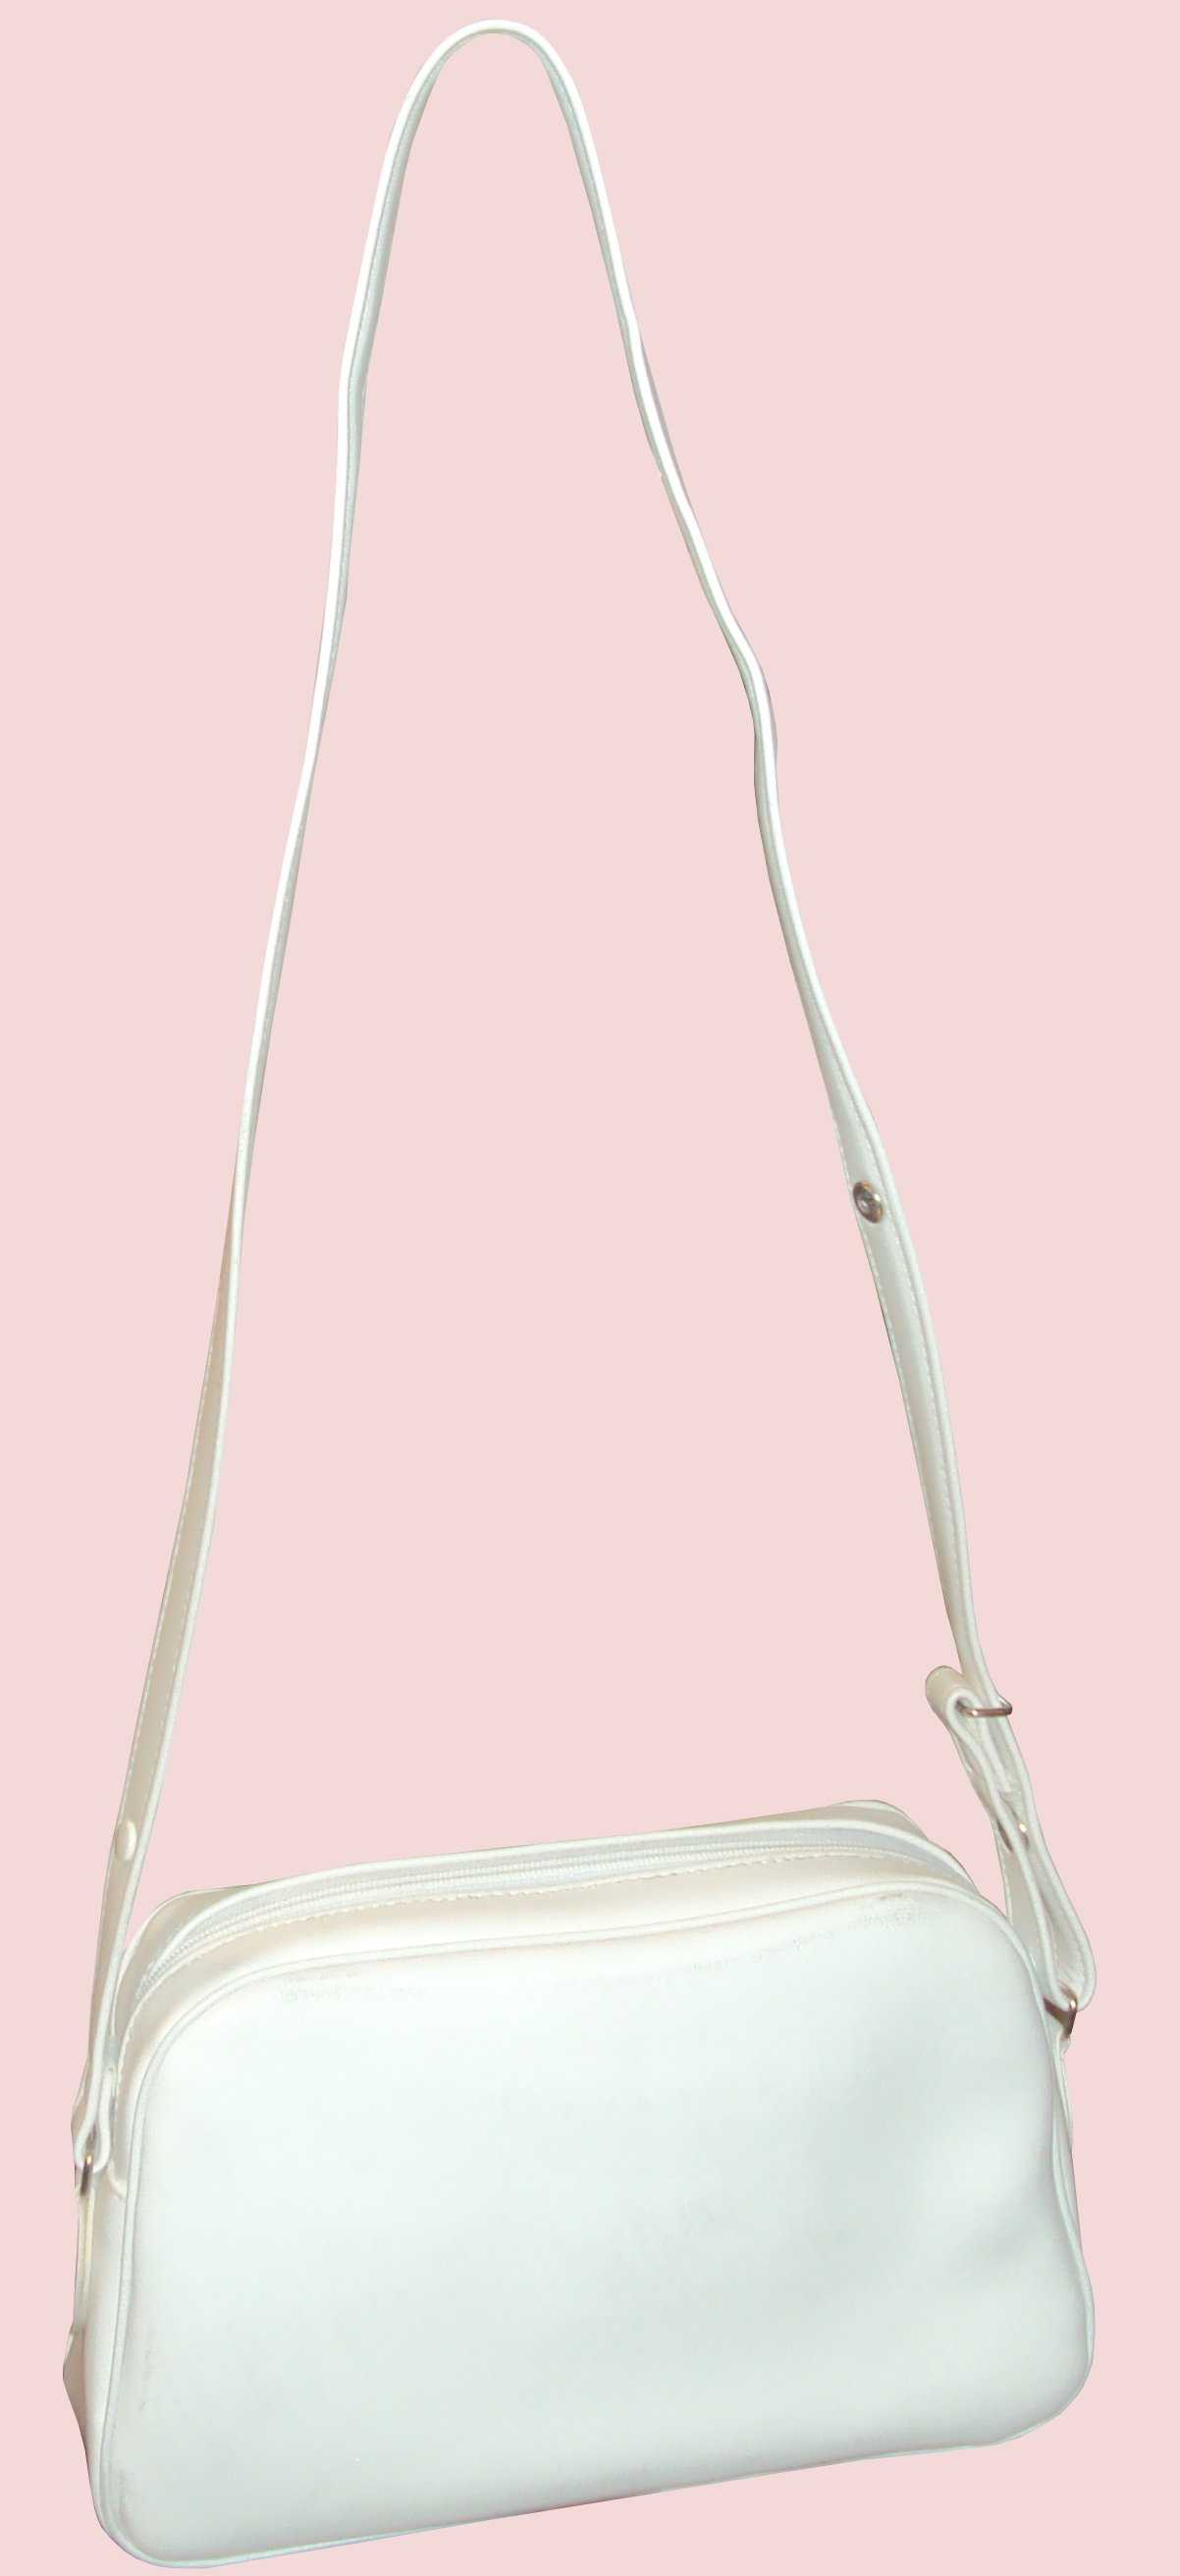 Lot 19 - Pack of 50 - Women's White Handbags - New